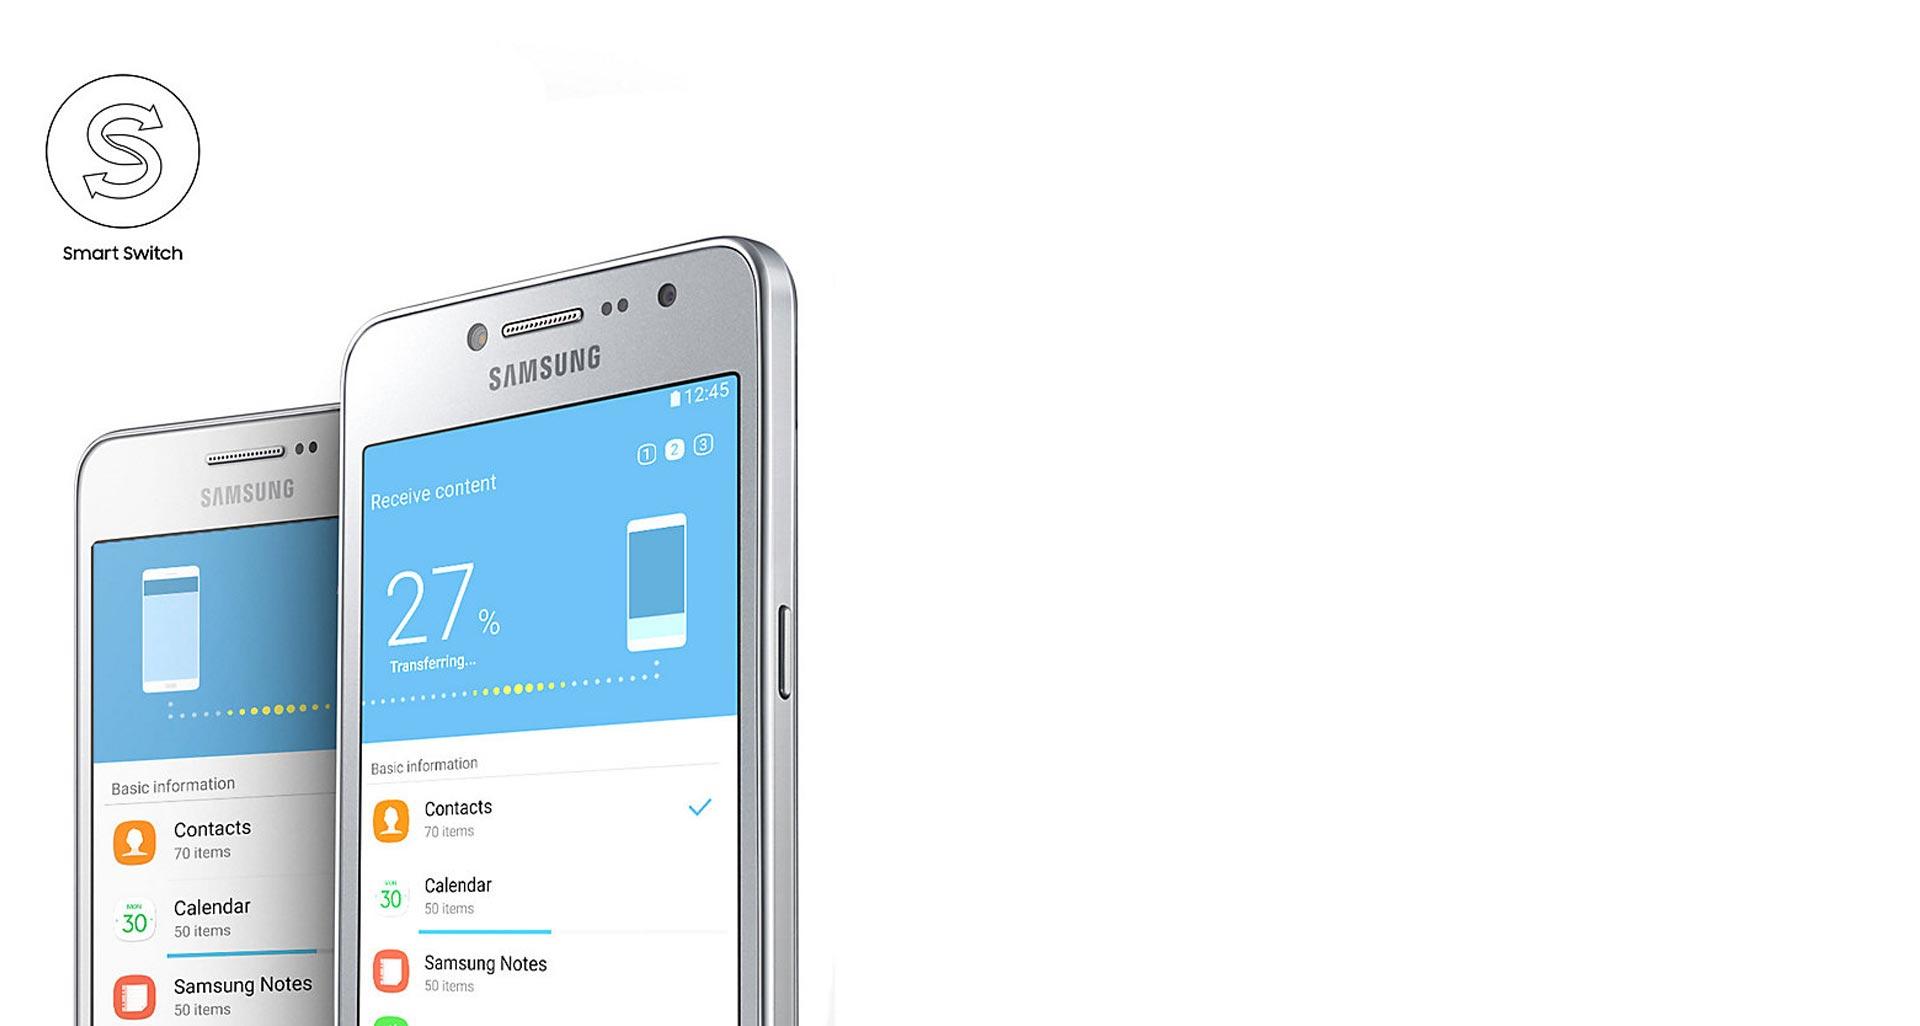 انتقال راحت تر اطلاعات با گوشی G532FD